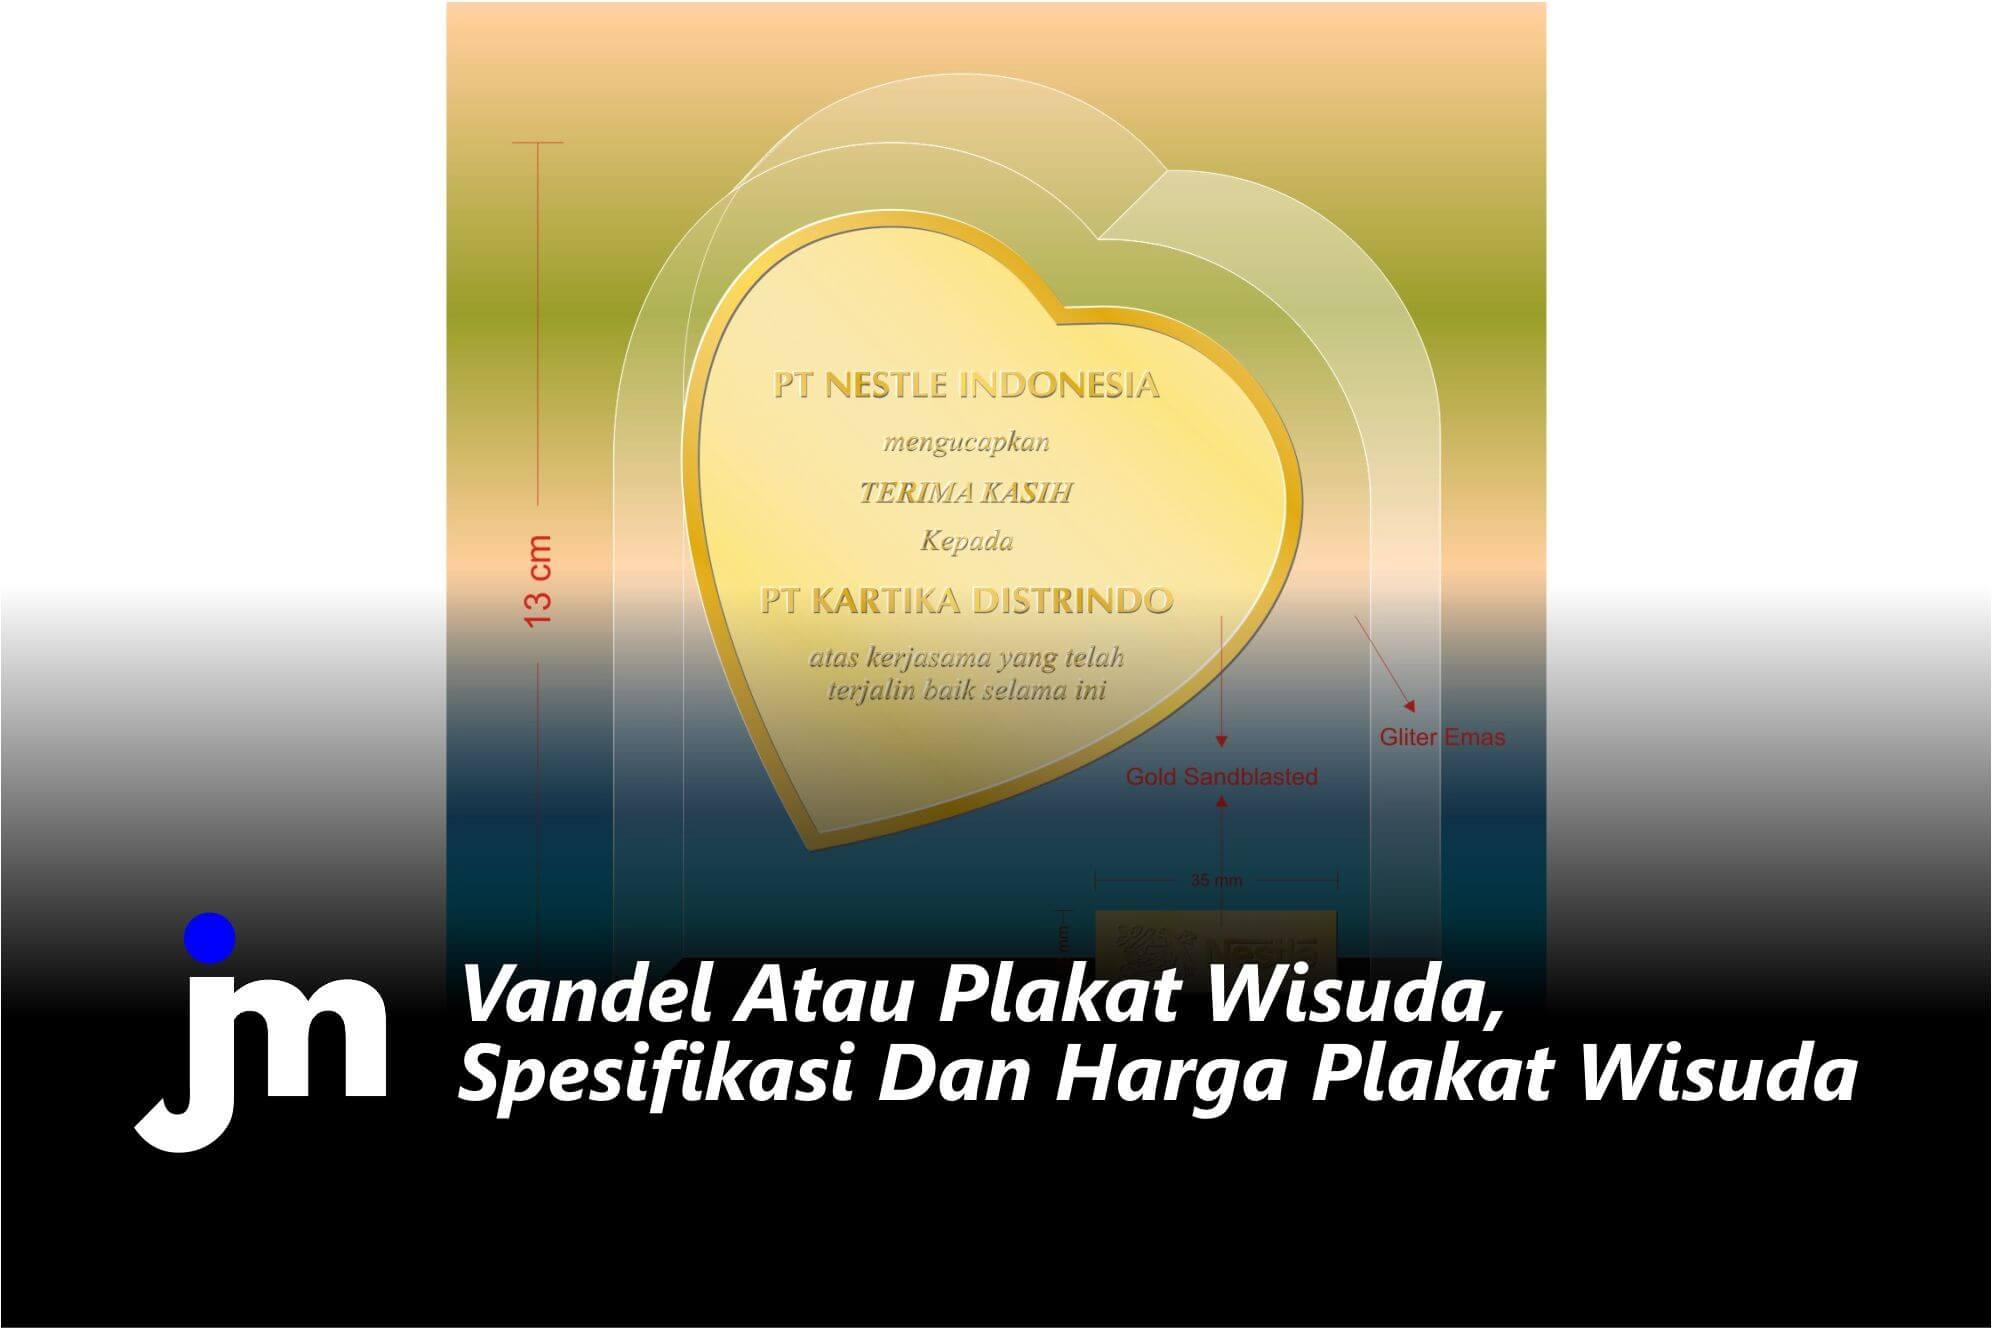 Vandel Atau Plakat Wisuda, Spesifikasi Dan Harga Plakat Wisuda